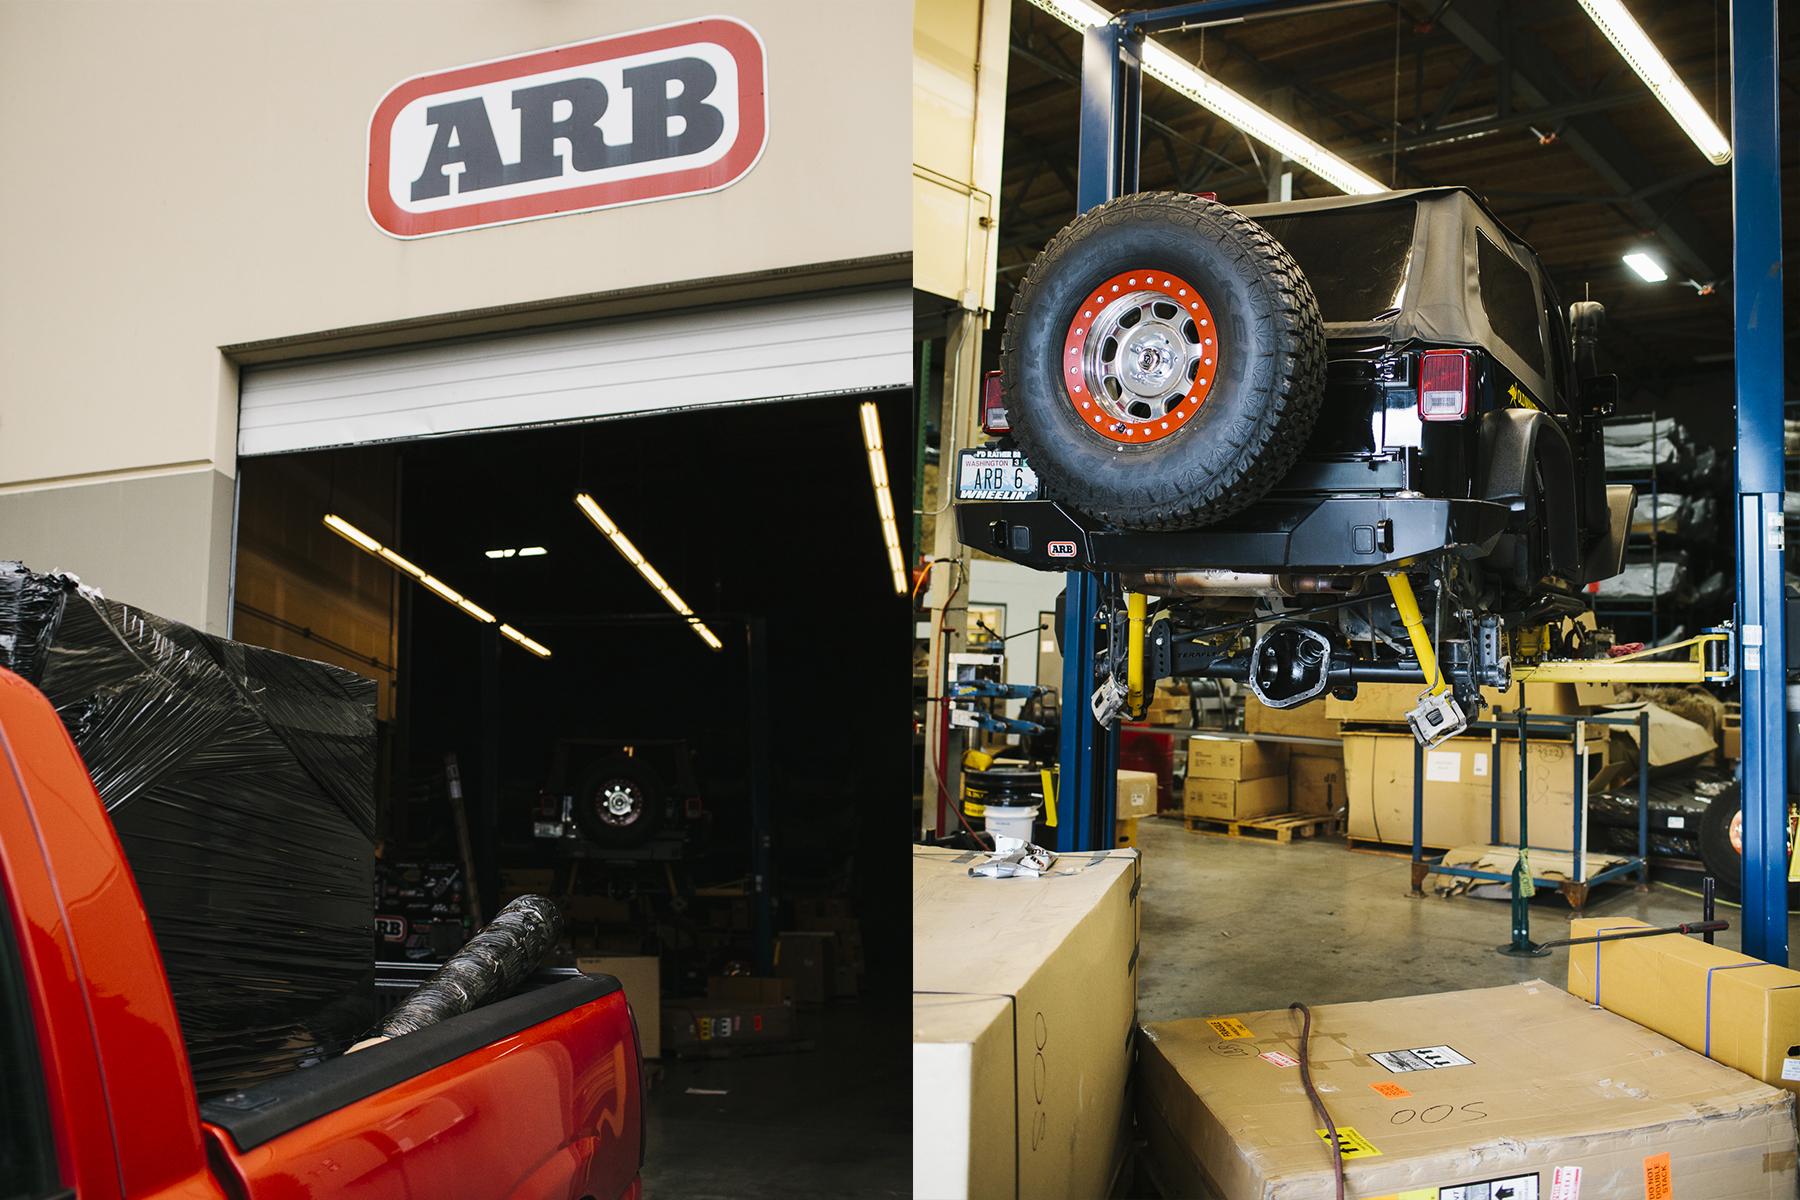 ARB_Gear-3a